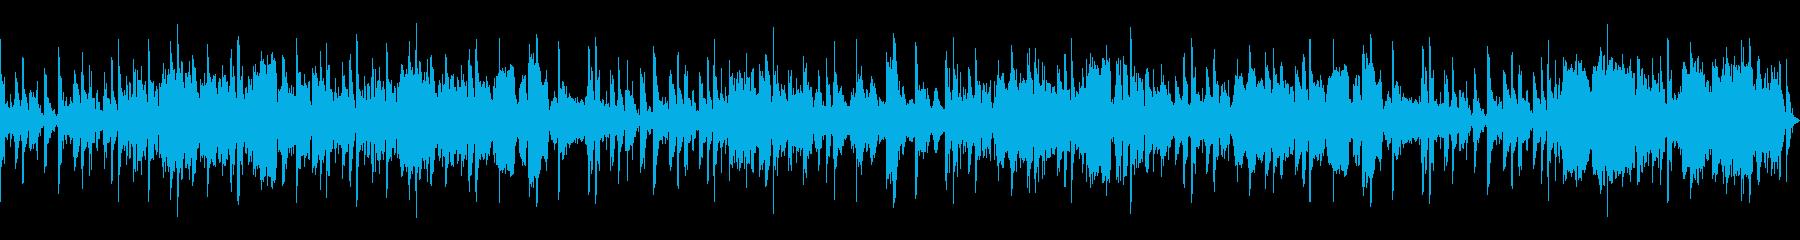 ボーカルによるパーカッションリズム...の再生済みの波形